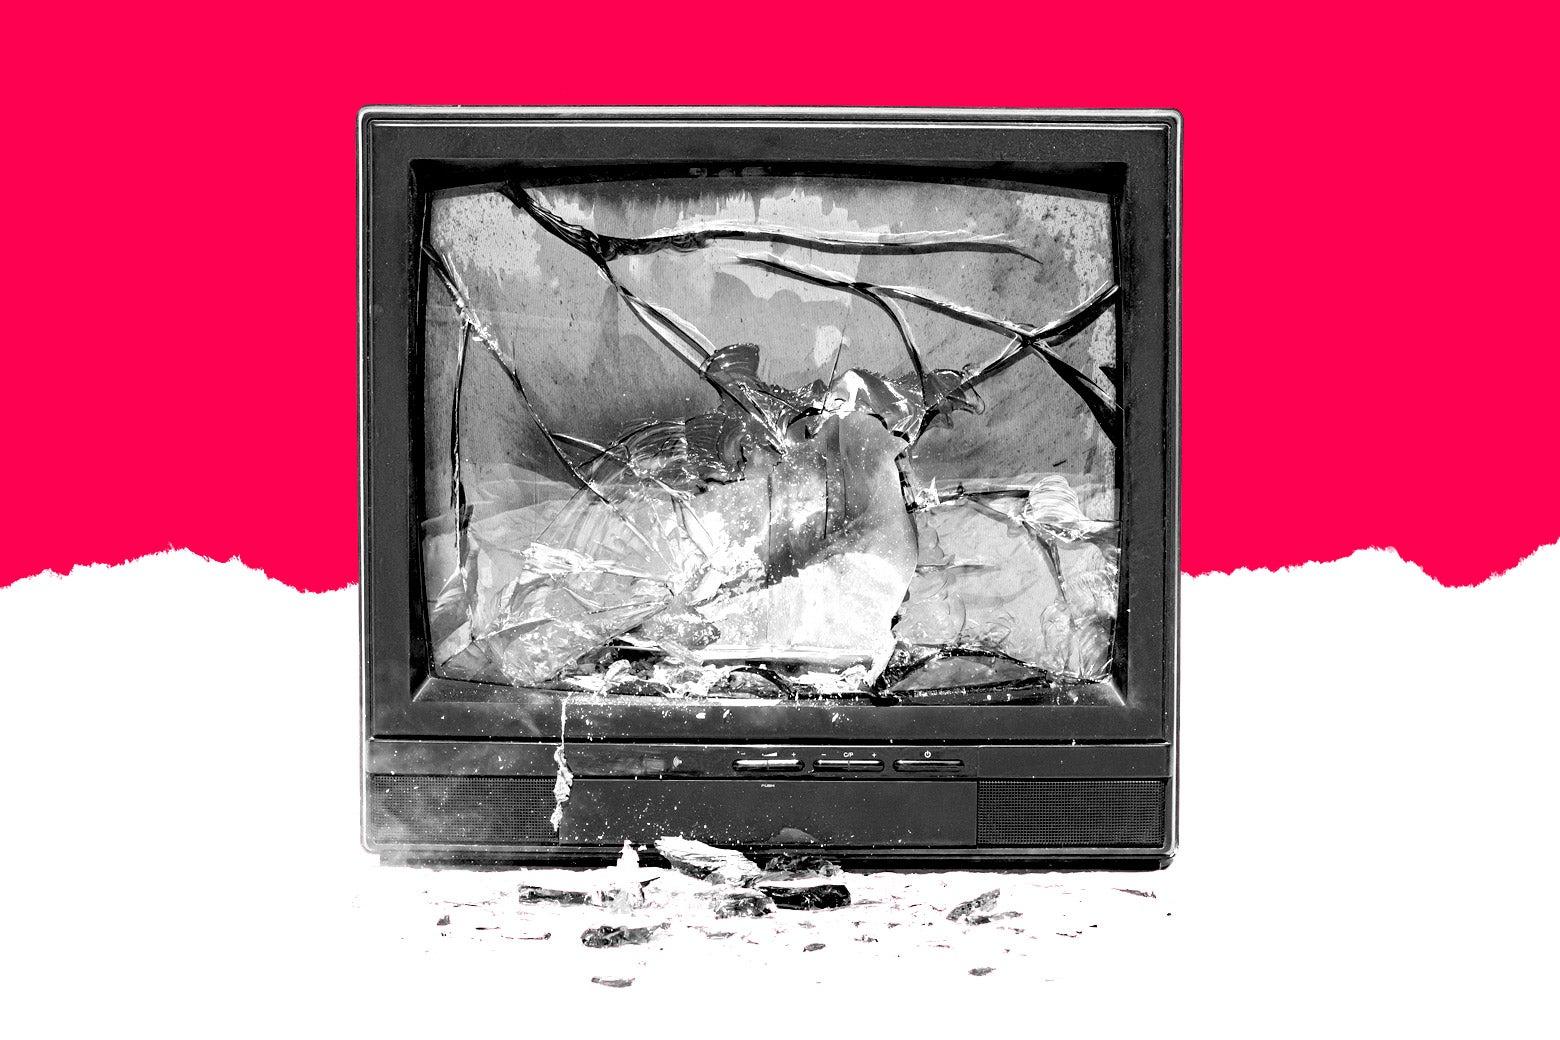 A broken television.